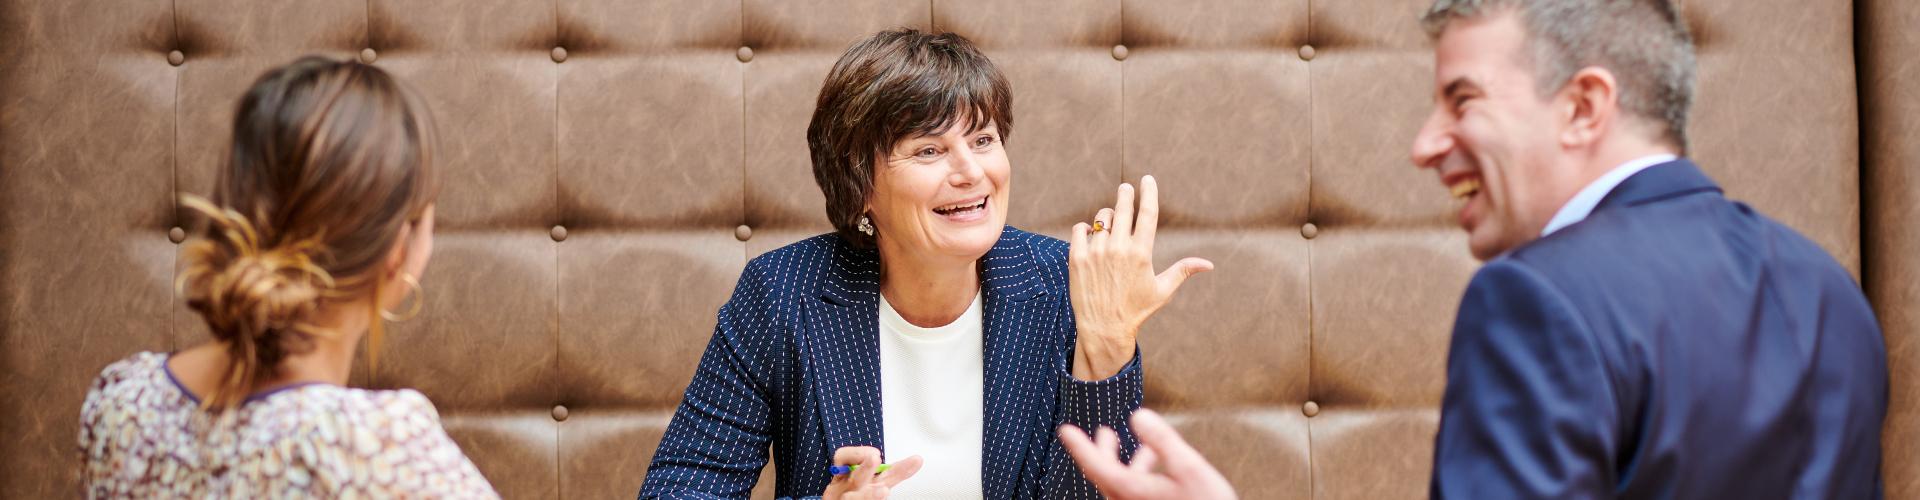 coaching van bedrijven en managers